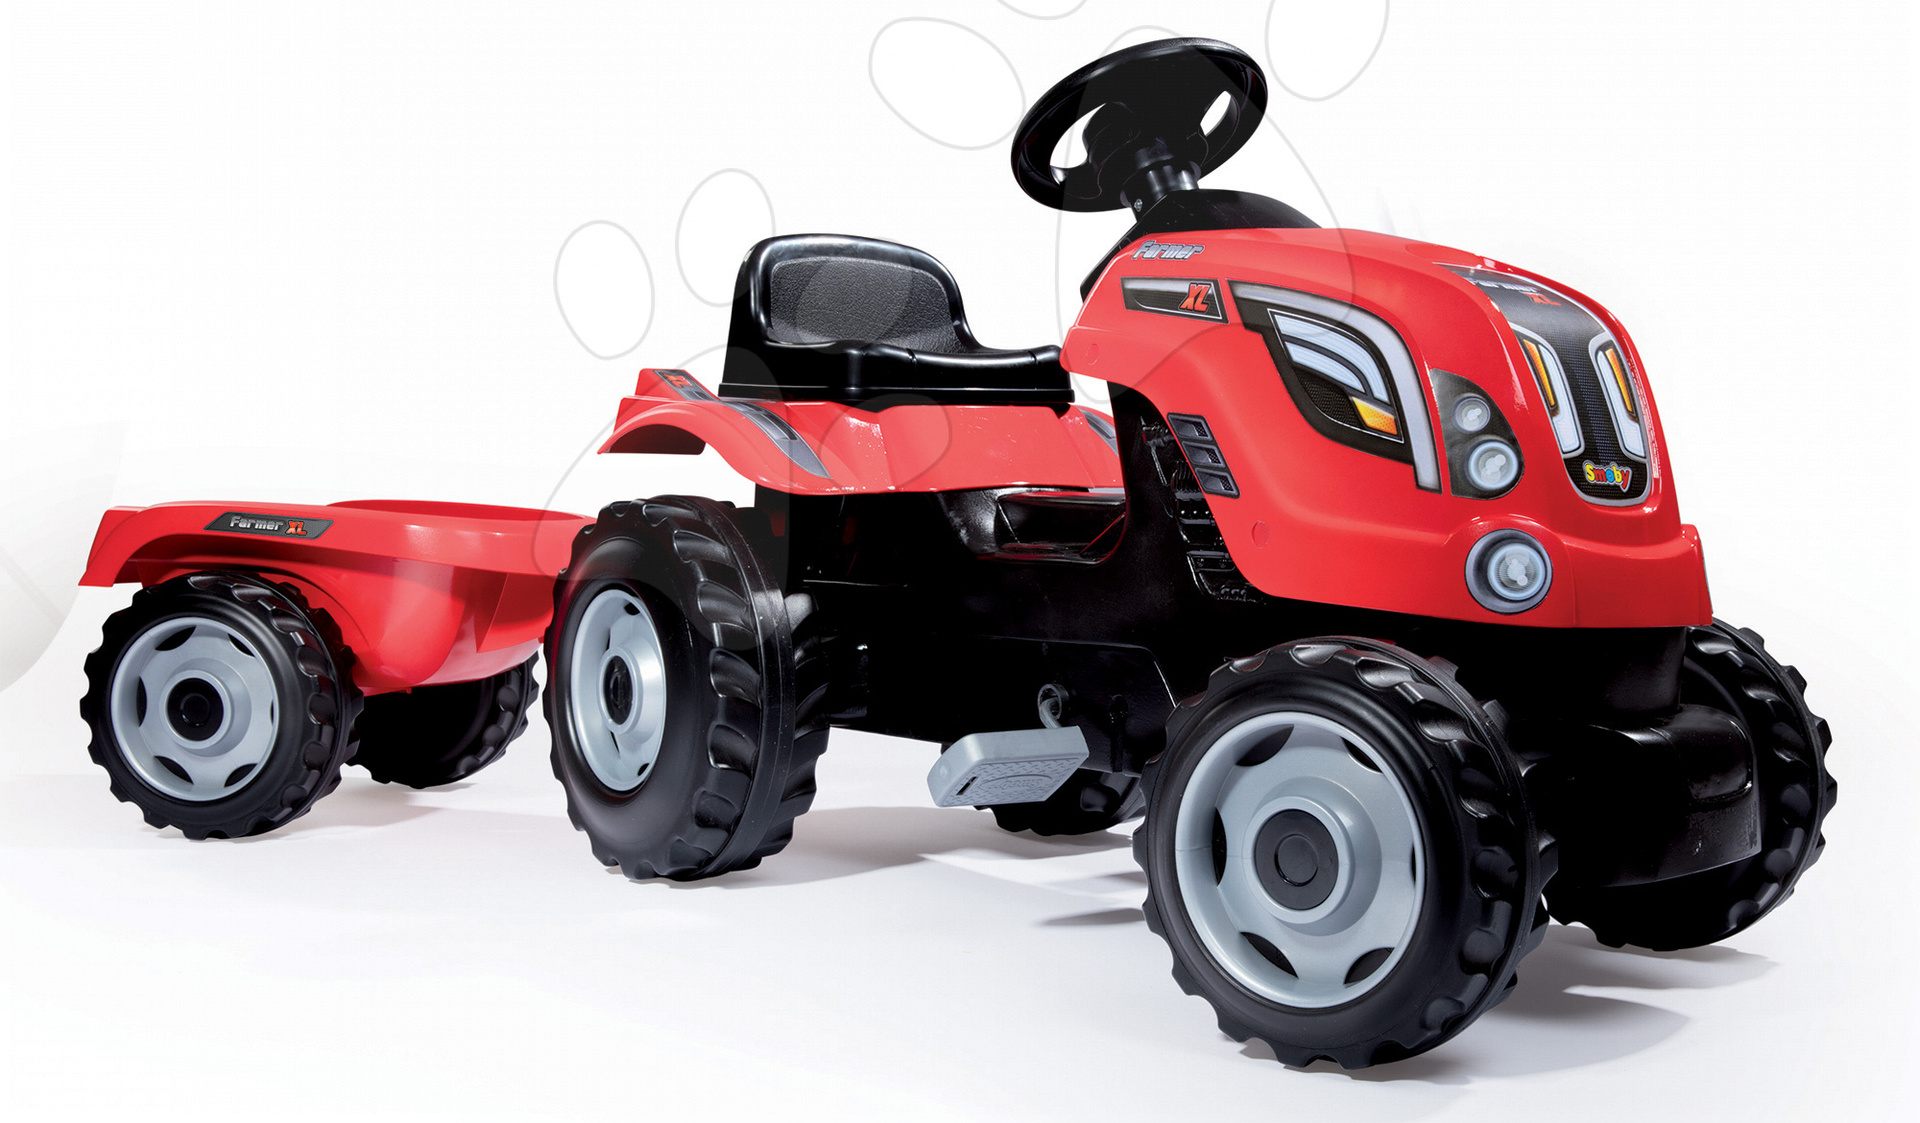 Vehicule cu pedală pentru copii - Tractor cu pedale RX Bull Smoby cu remorcă roşu